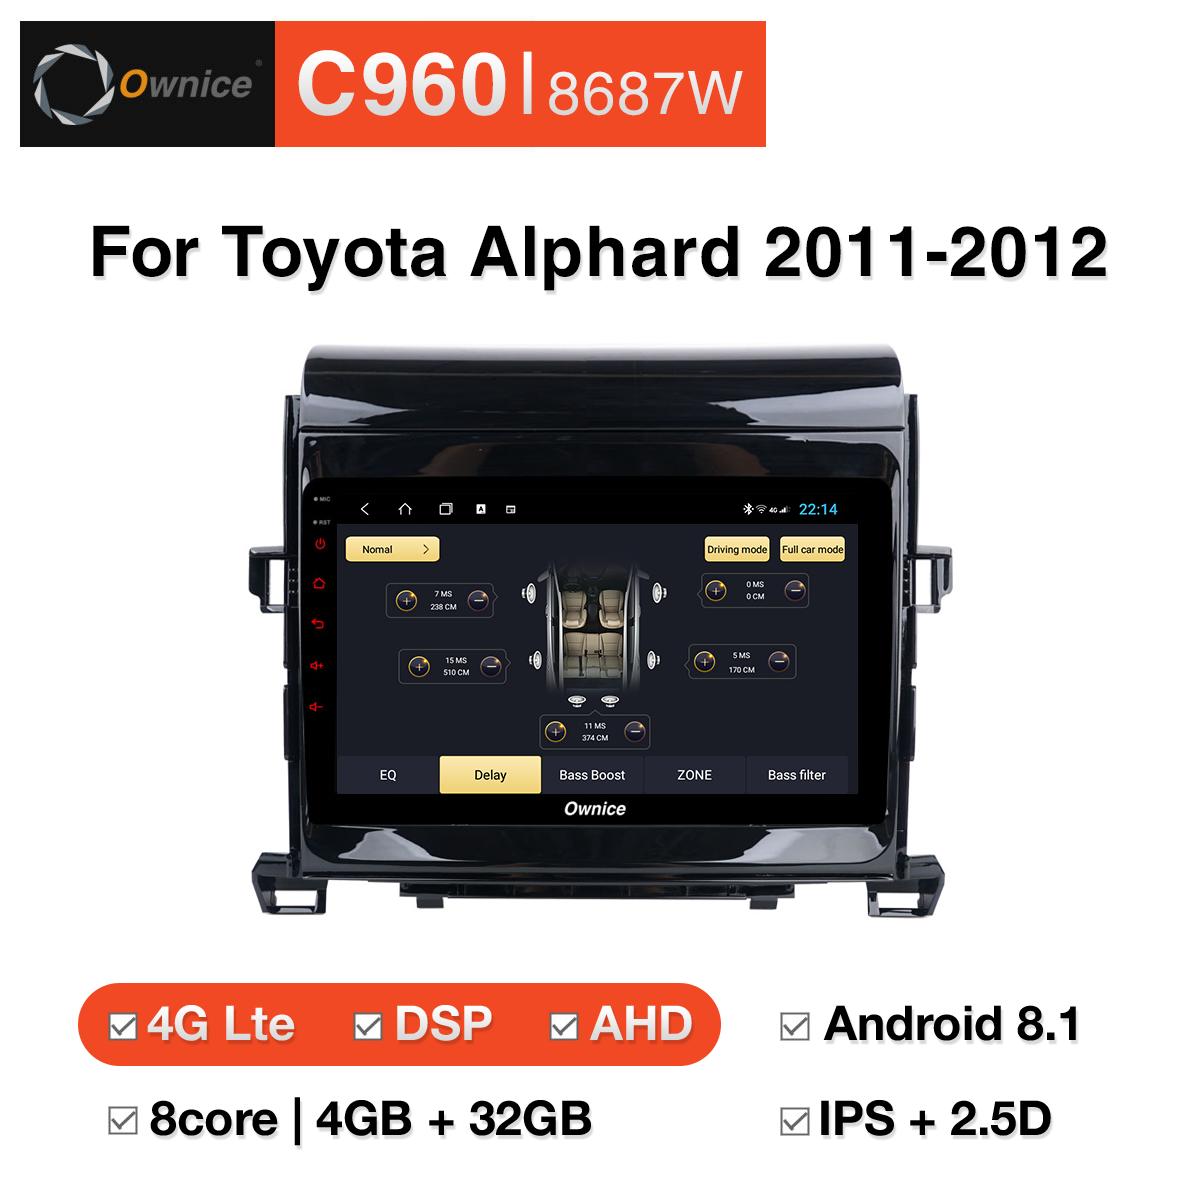 Đầu DVD android Ownice C960 cho xe ô tô Toyota Alphard 2011-2012